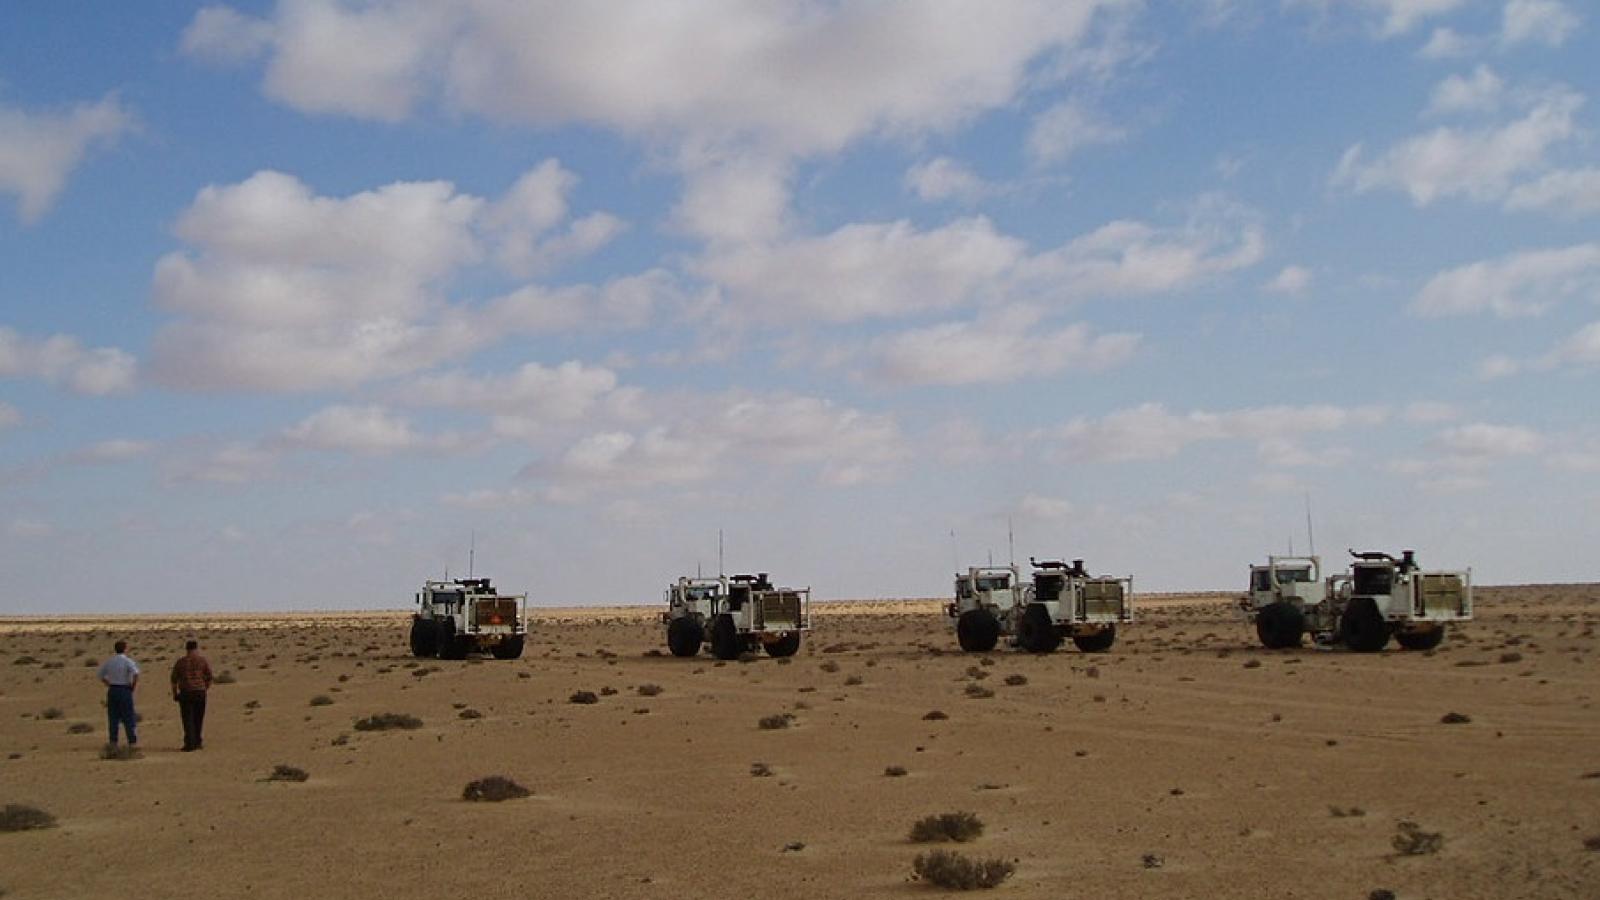 Quân đội Quốc gia Libya đóng cửa 200km không phận tại Sirte